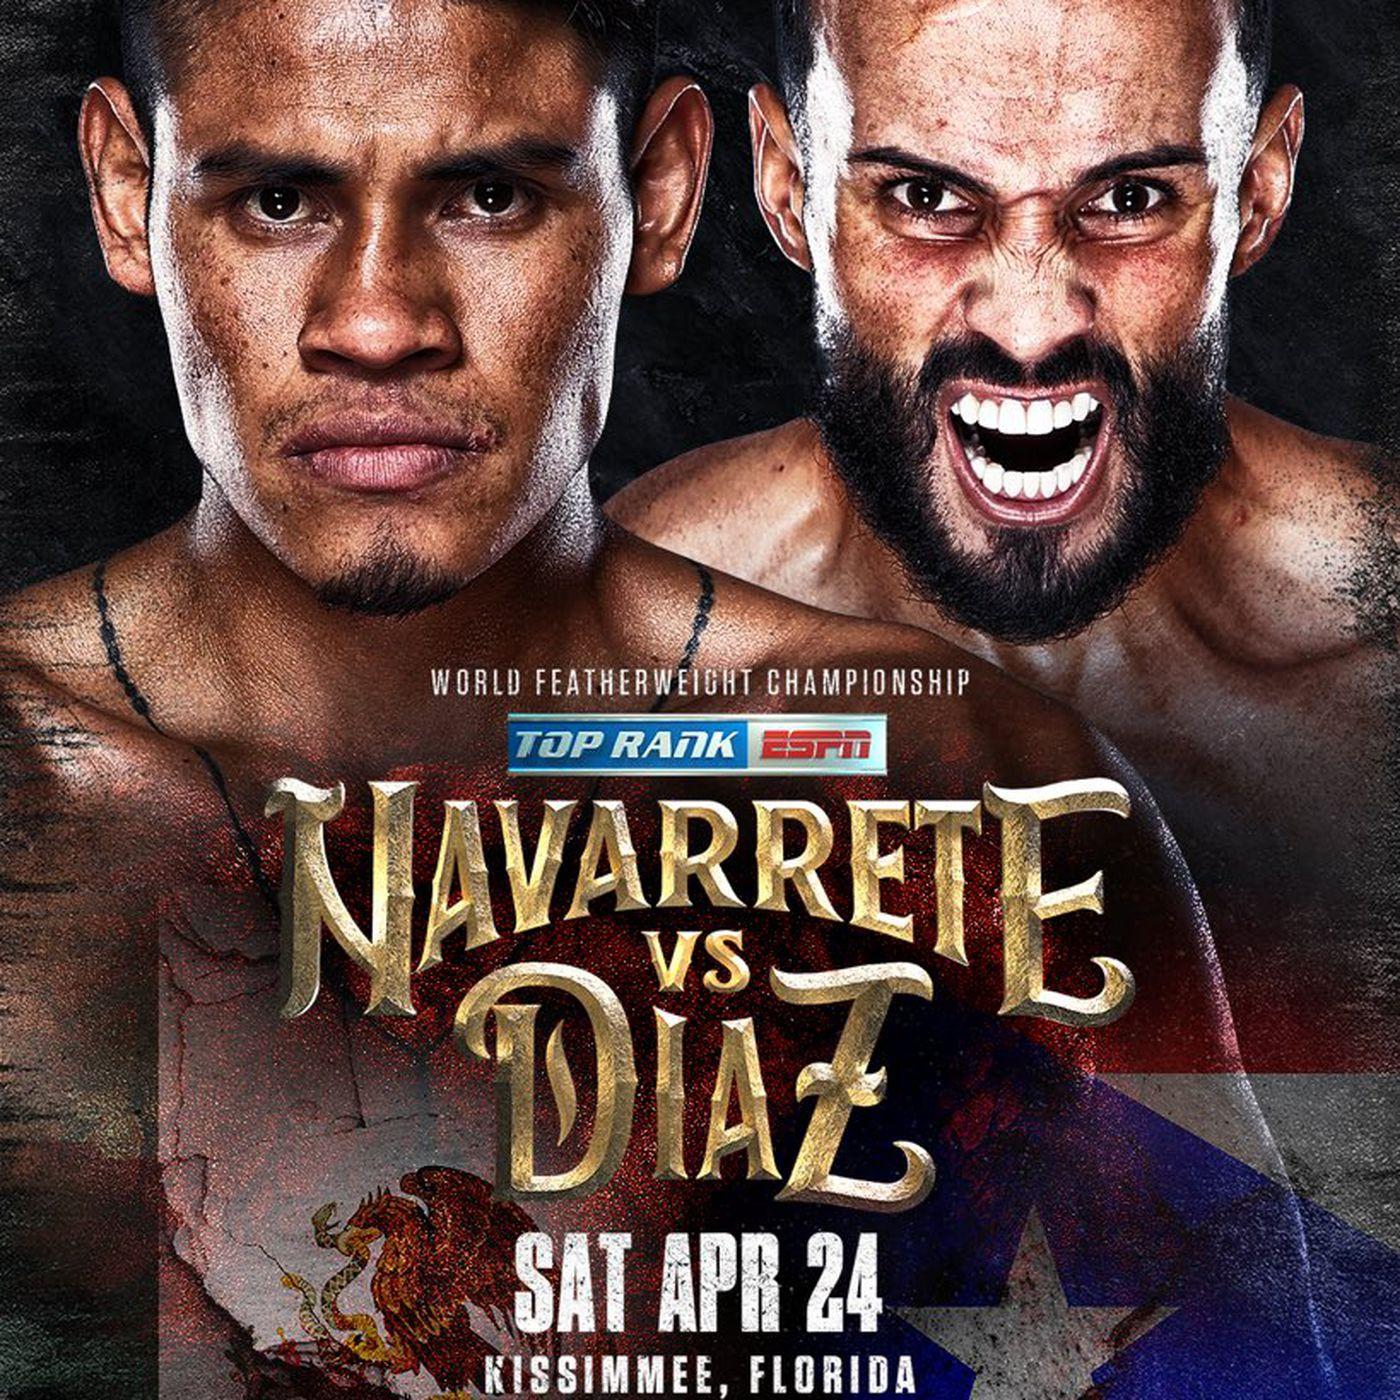 دانلود مبارزه ی بوکس :  Emanuel Navarrete  vs Christopher Diaz